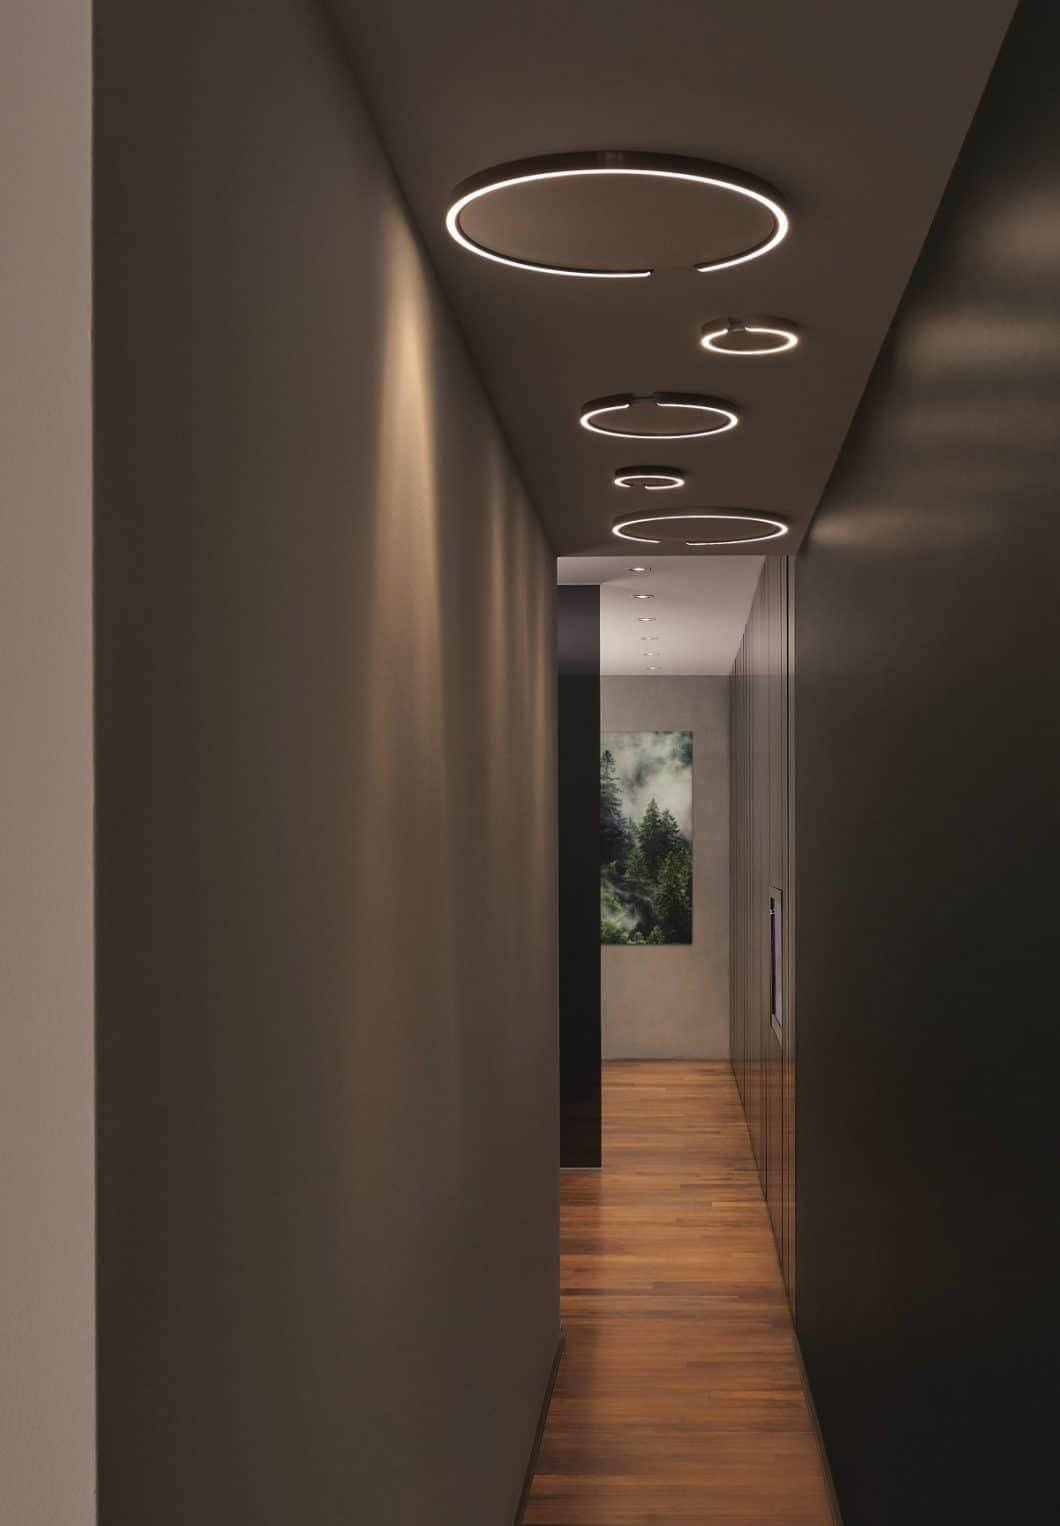 Abgewandelt als Mito soffitto kann die Leuchte ideal in schmalen Fluren und Räumlichkeiten als Deckenring zur Ausleuchtung genutzt werden. (Foto: Occhio)